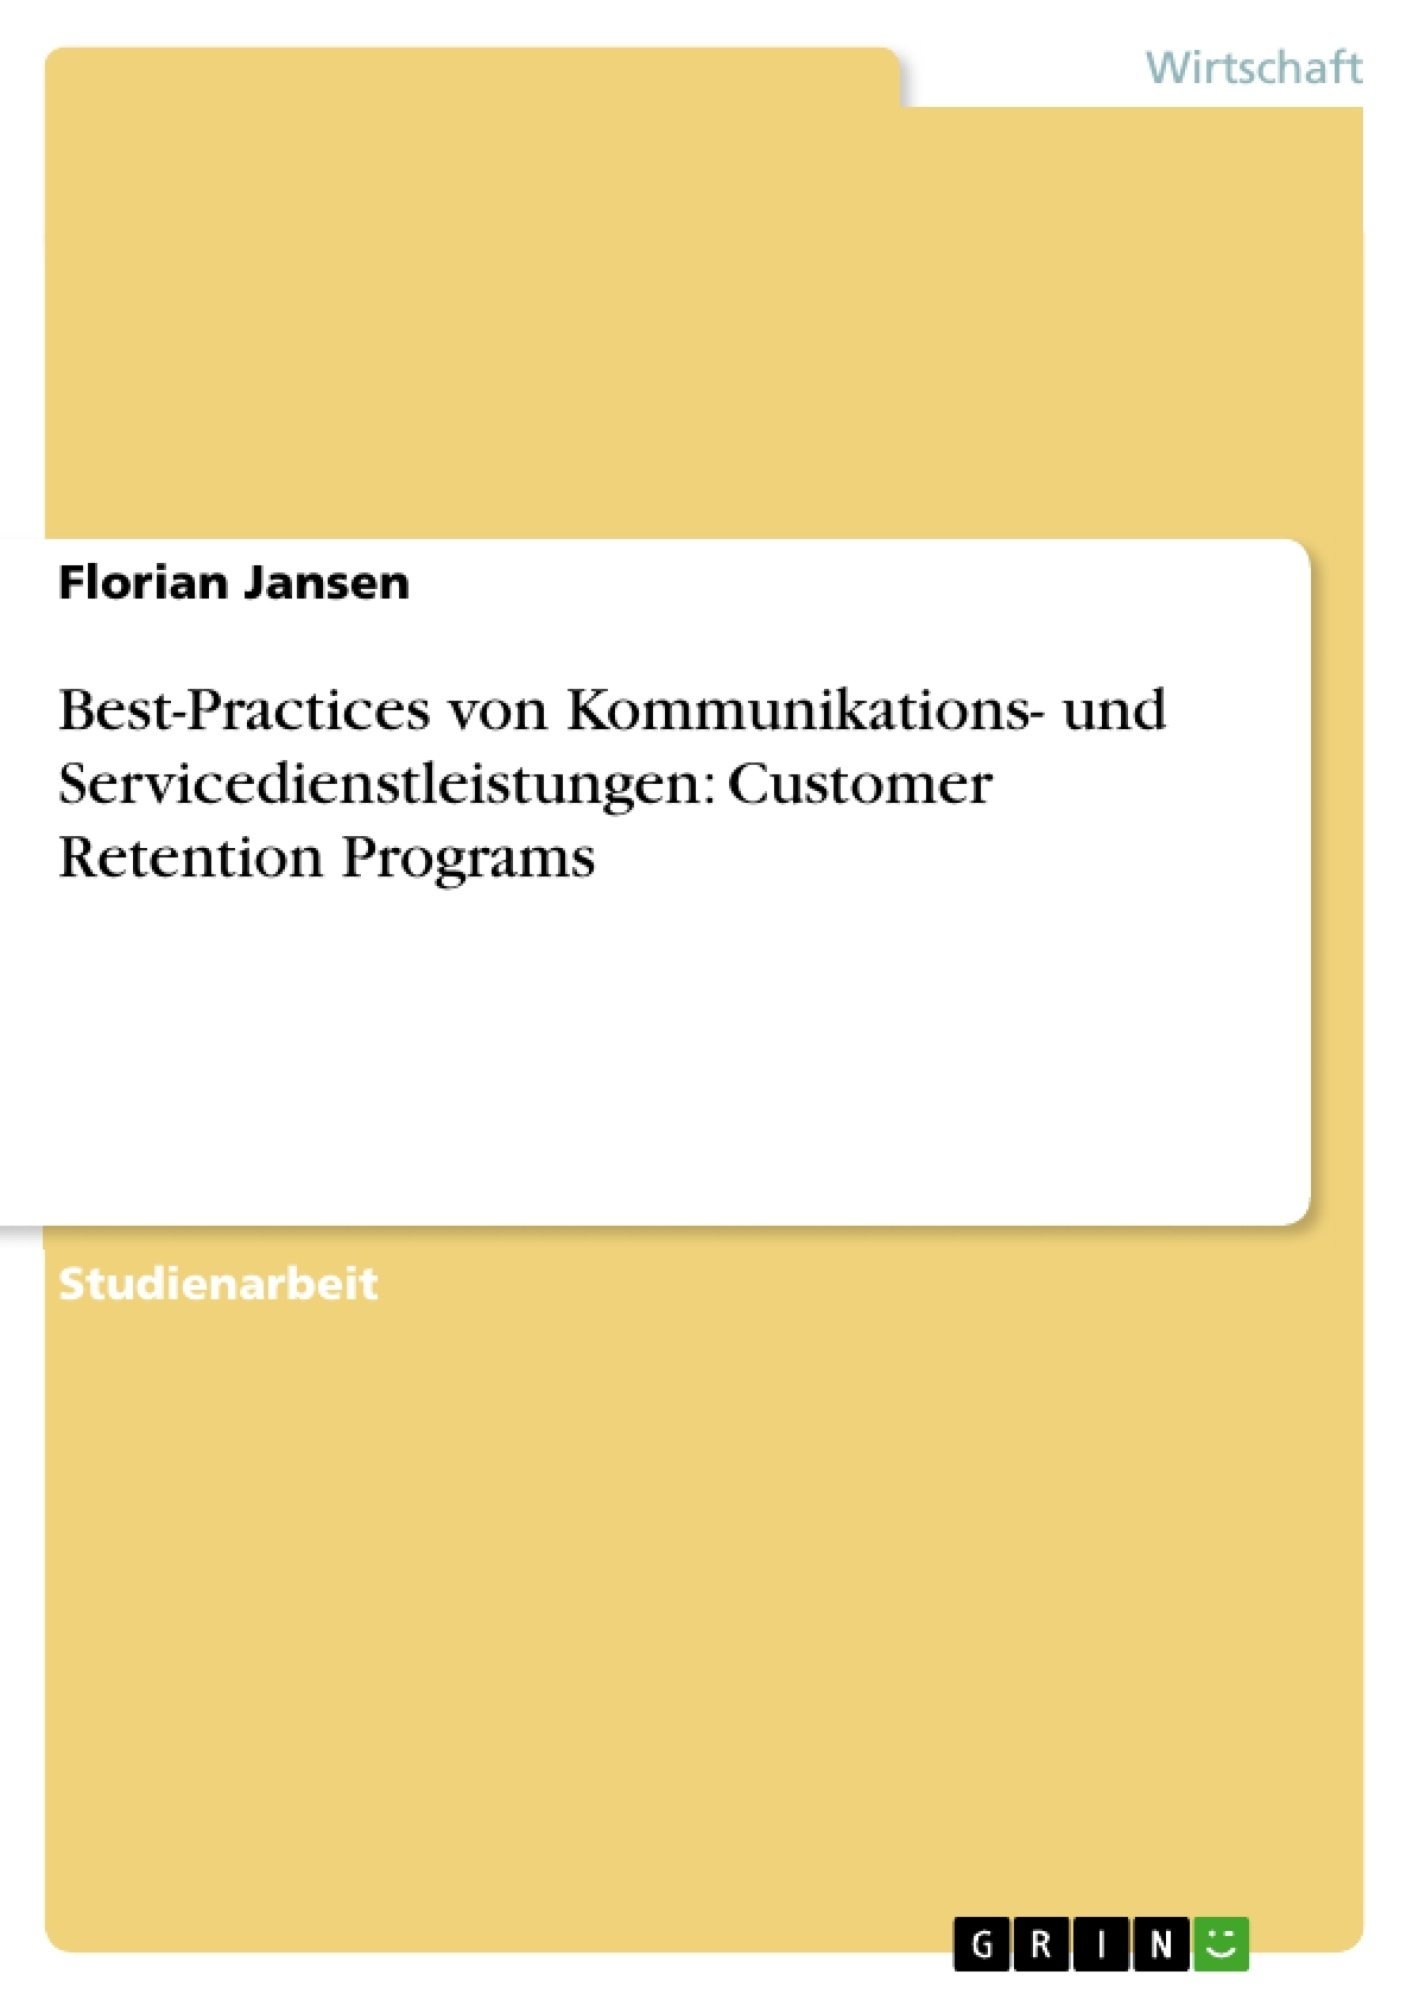 Titel: Best-Practices von Kommunikations- und Servicedienstleistungen: Customer Retention Programs